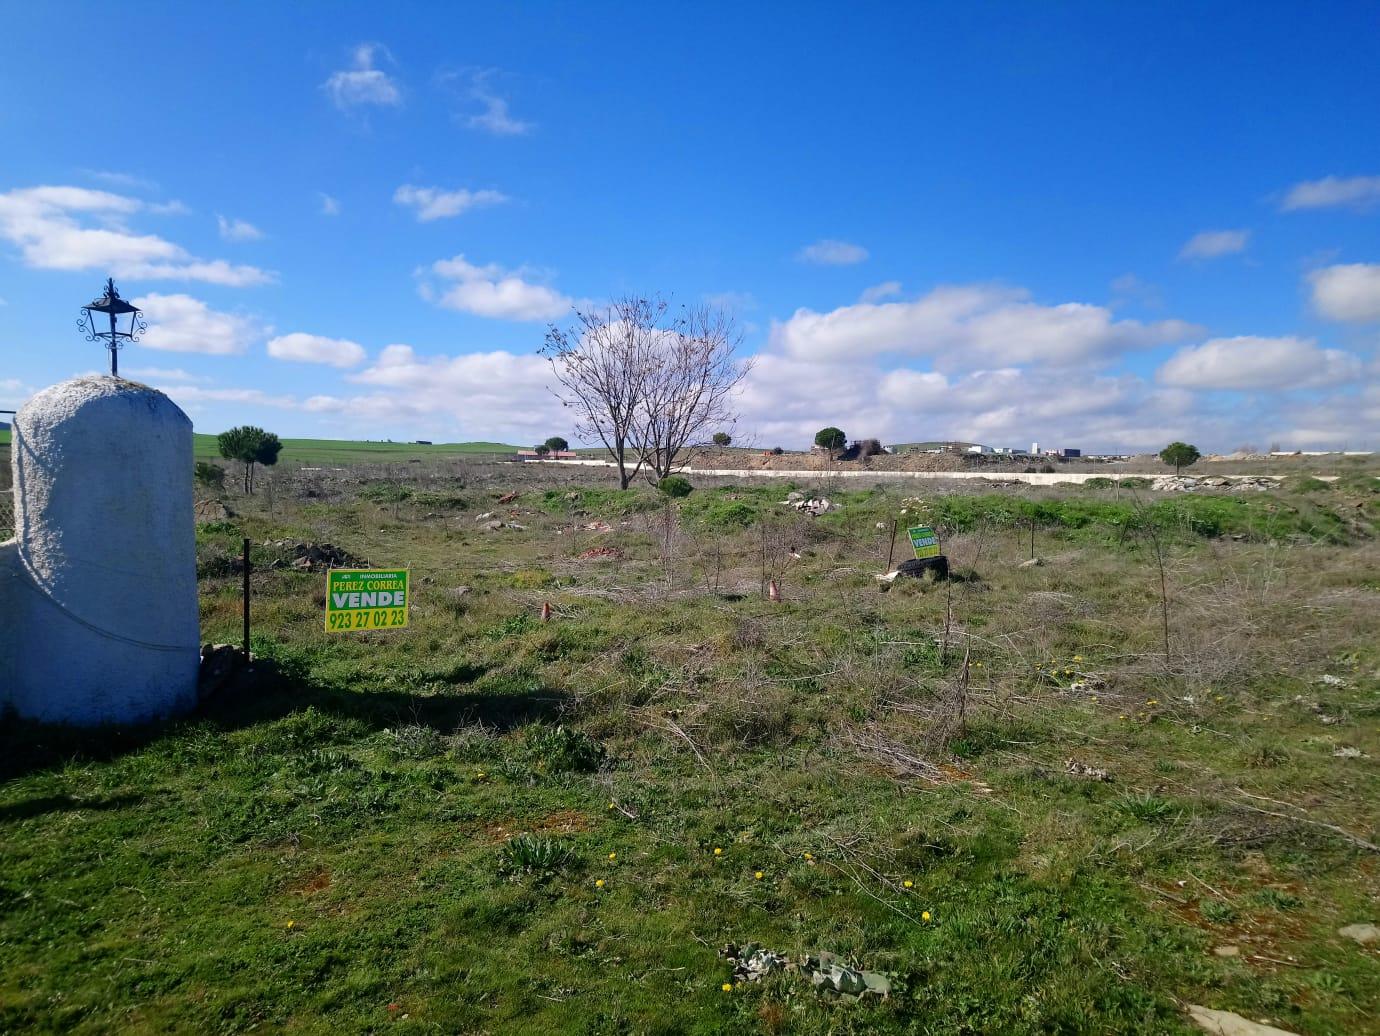 FINCA DE 10 HECTÁREAS EN TERRADILLOS (REF: Alb-3) - foto 3 86742867-74b0-4ab5-b68c-834c25d62076.jpg